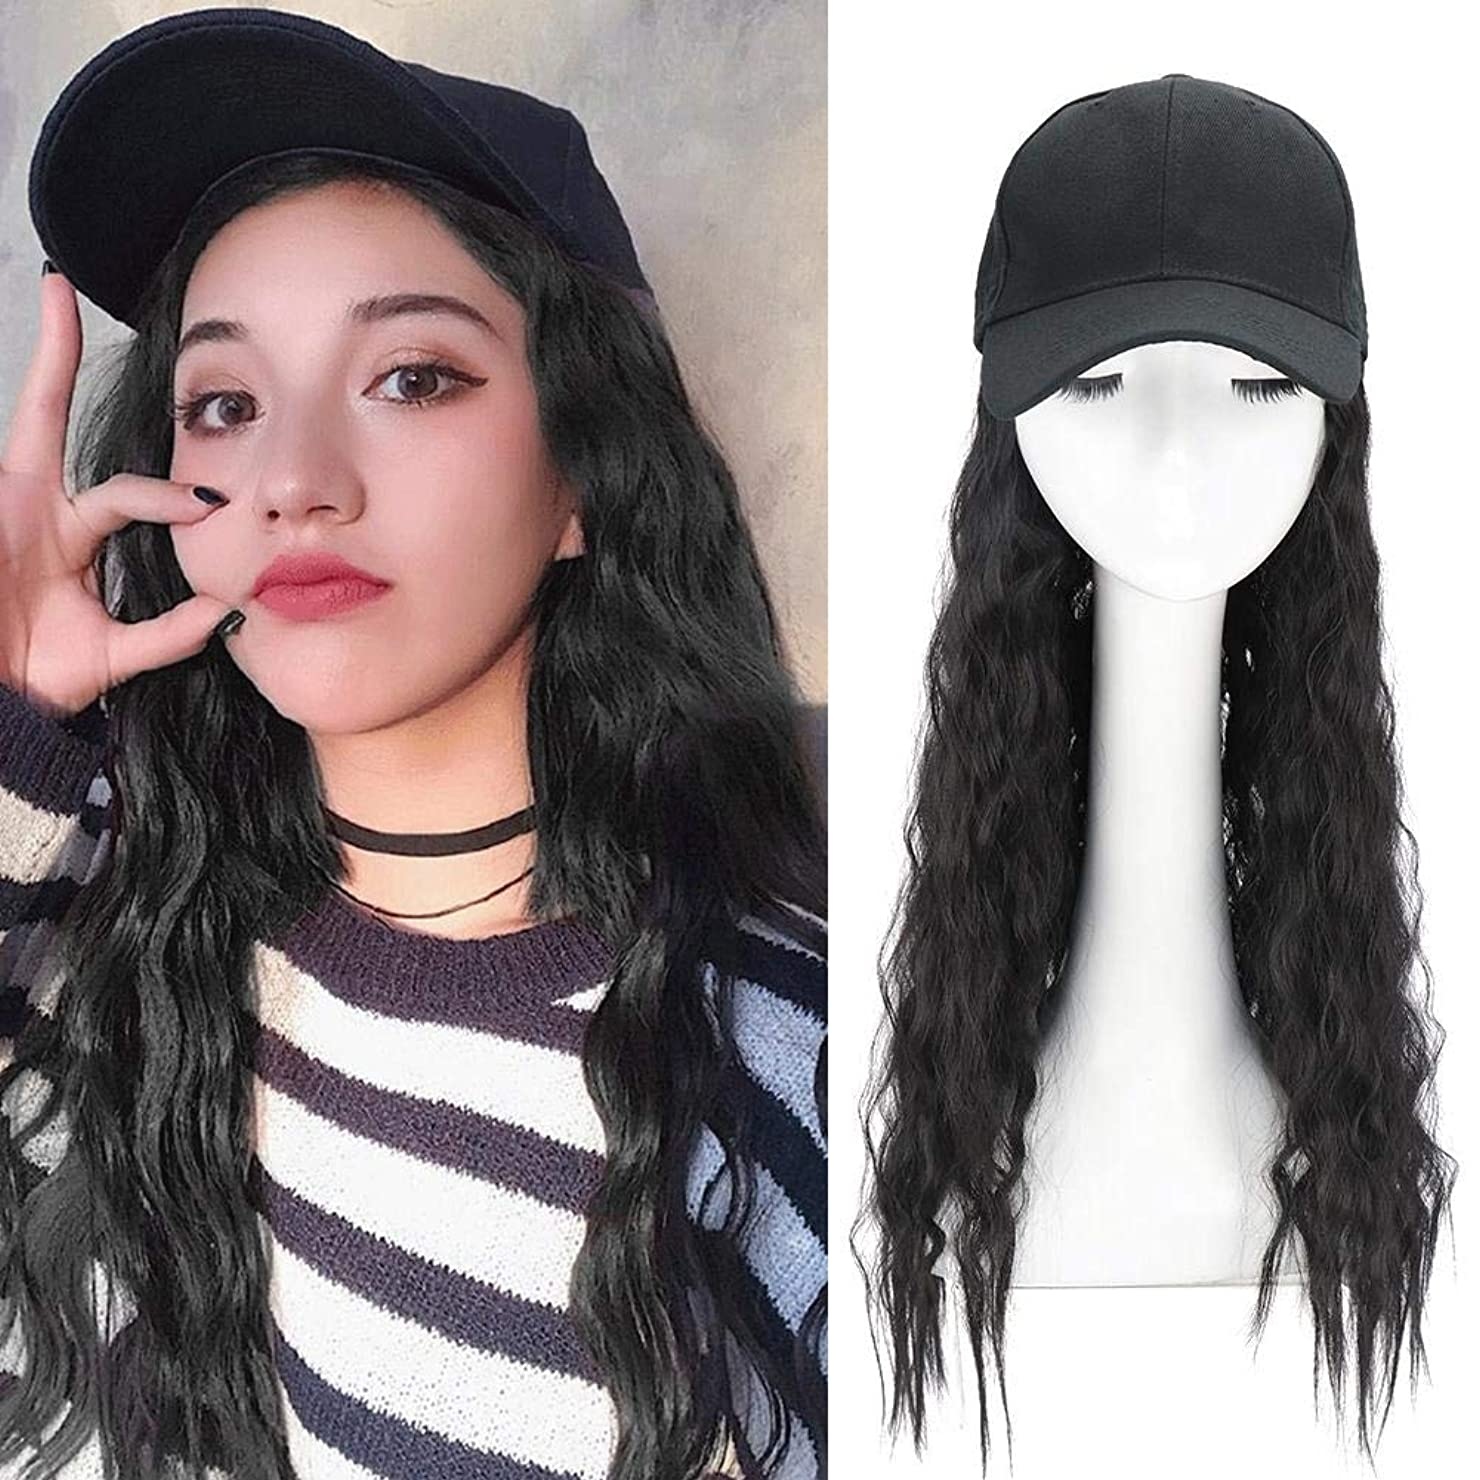 ペレグリネーション残り気づかない長い巻き毛を持つ合成長波野球帽合成毛を持つ波状かつらキャップ女の子のための髪を持つ調整可能な野球帽帽子